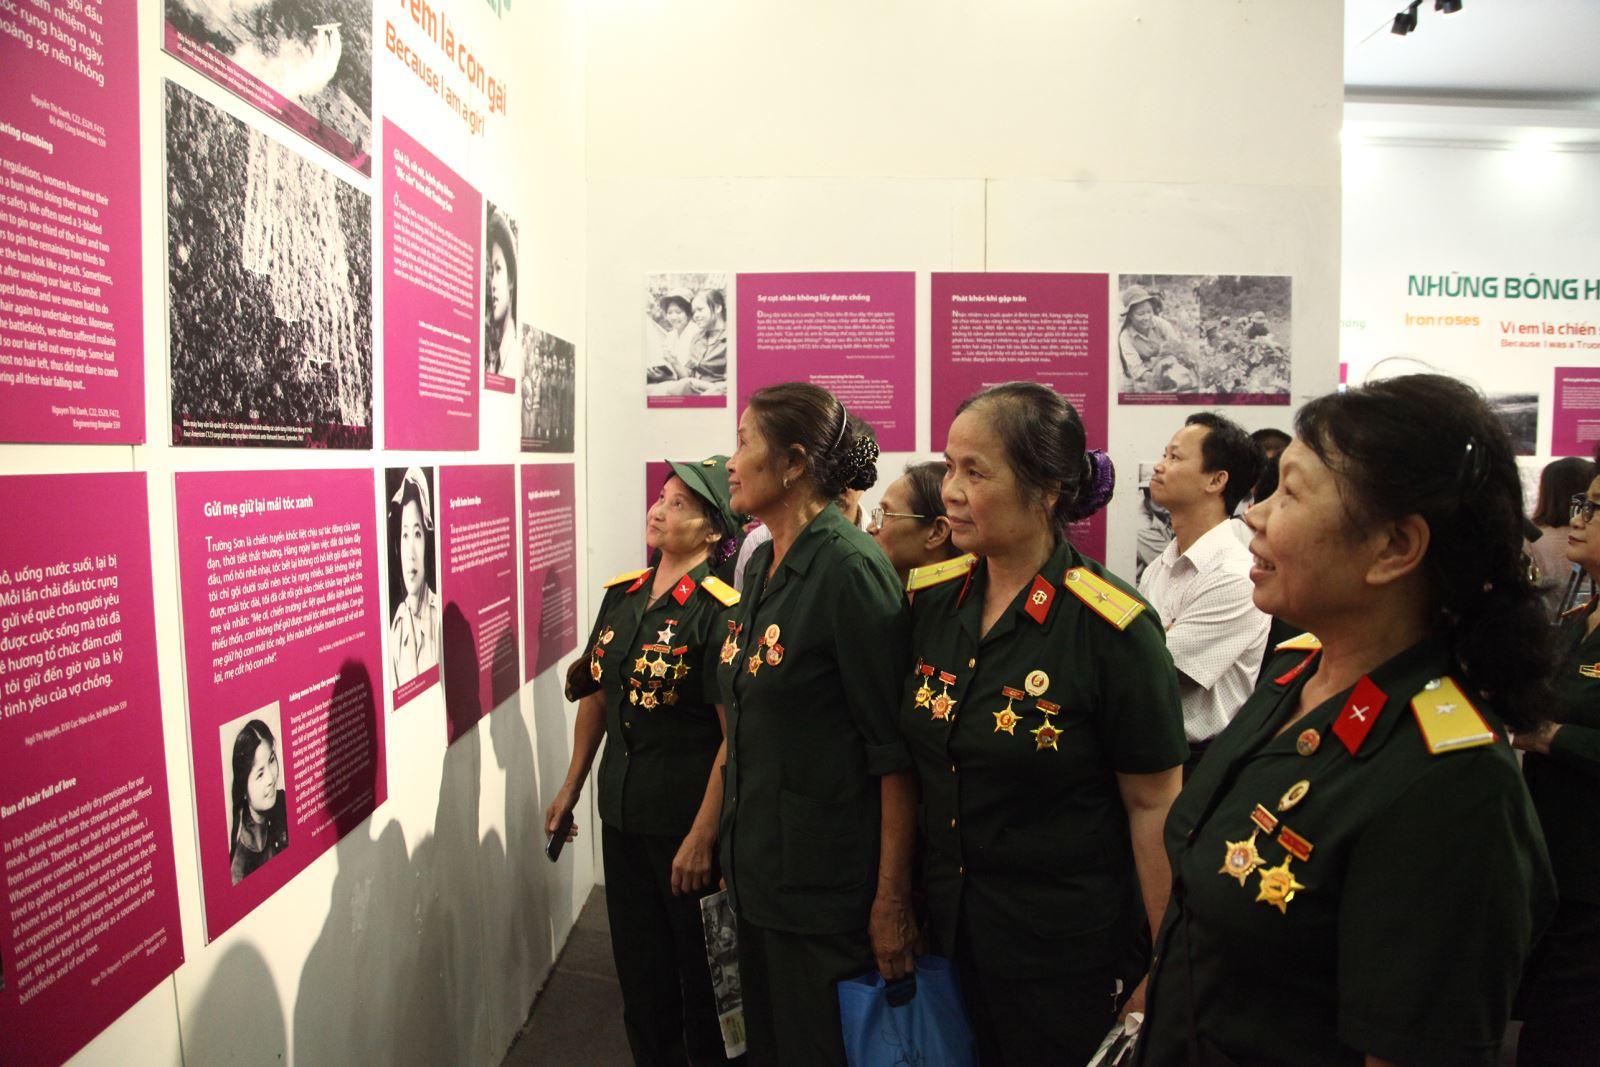 """Dấu ấn của những """"bông hồng thép"""" trên tuyến đường Trường Sơn lịch sử"""